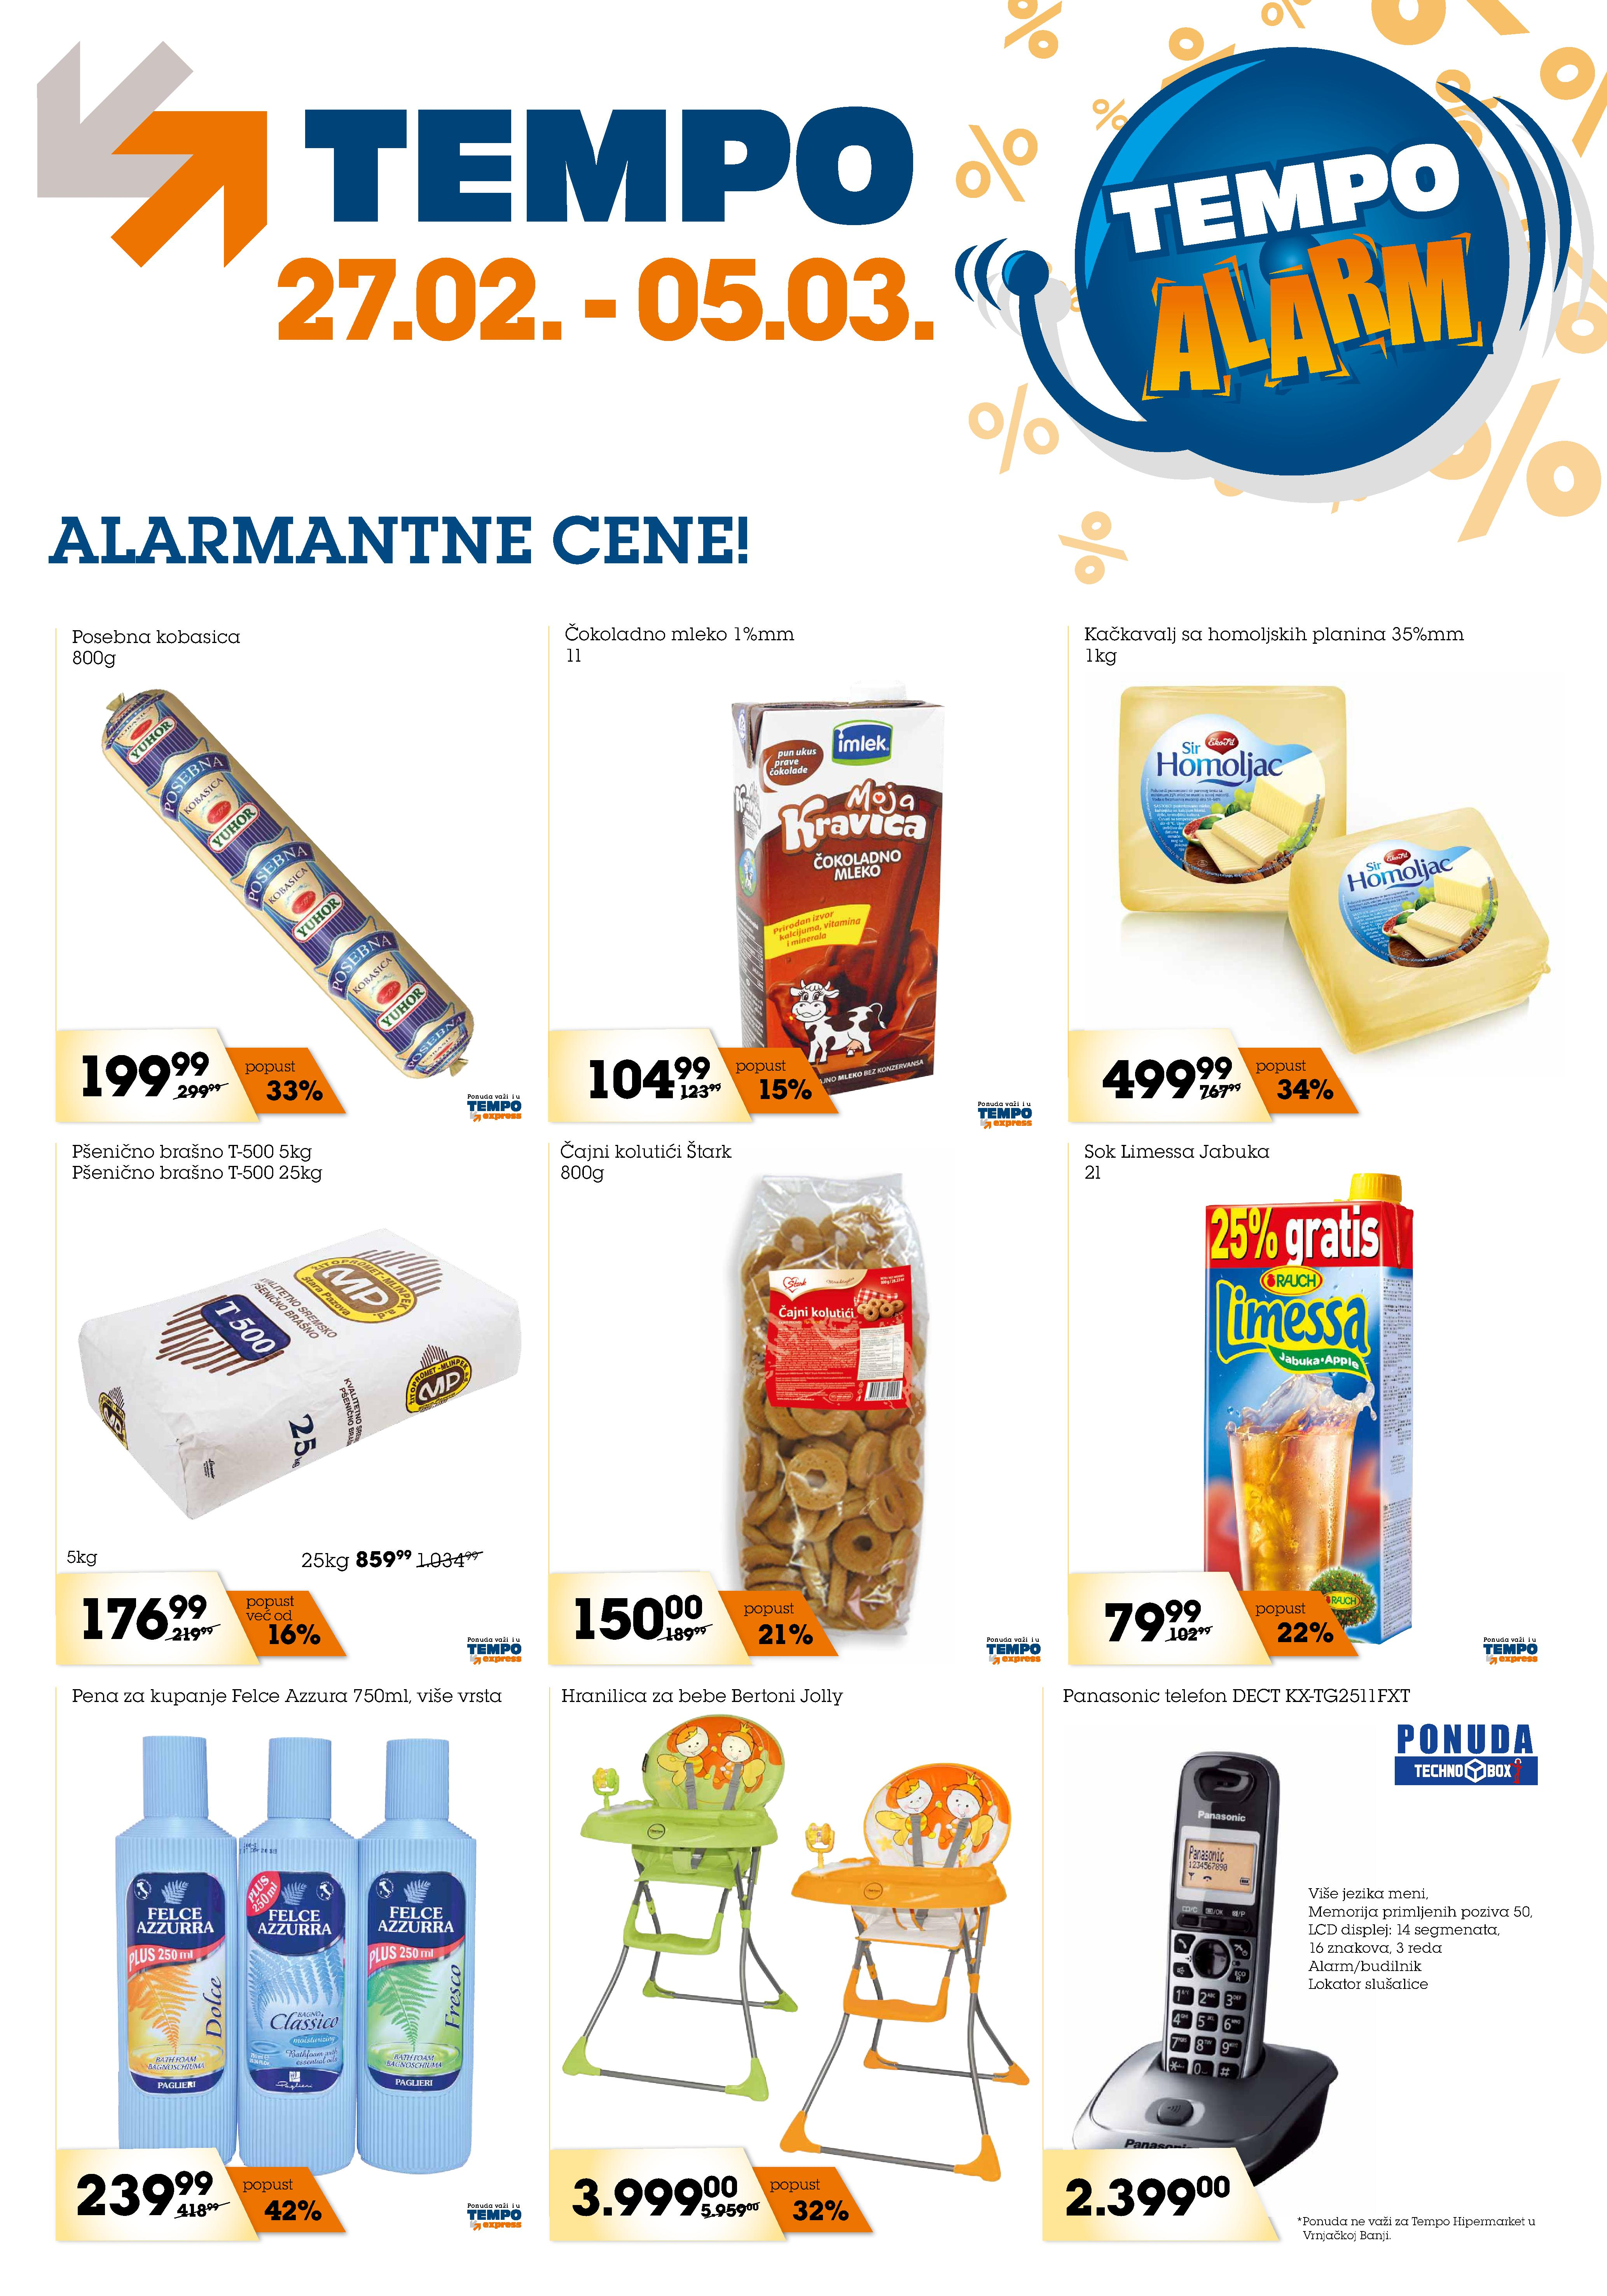 Tempo katalog alarm odličnih cena